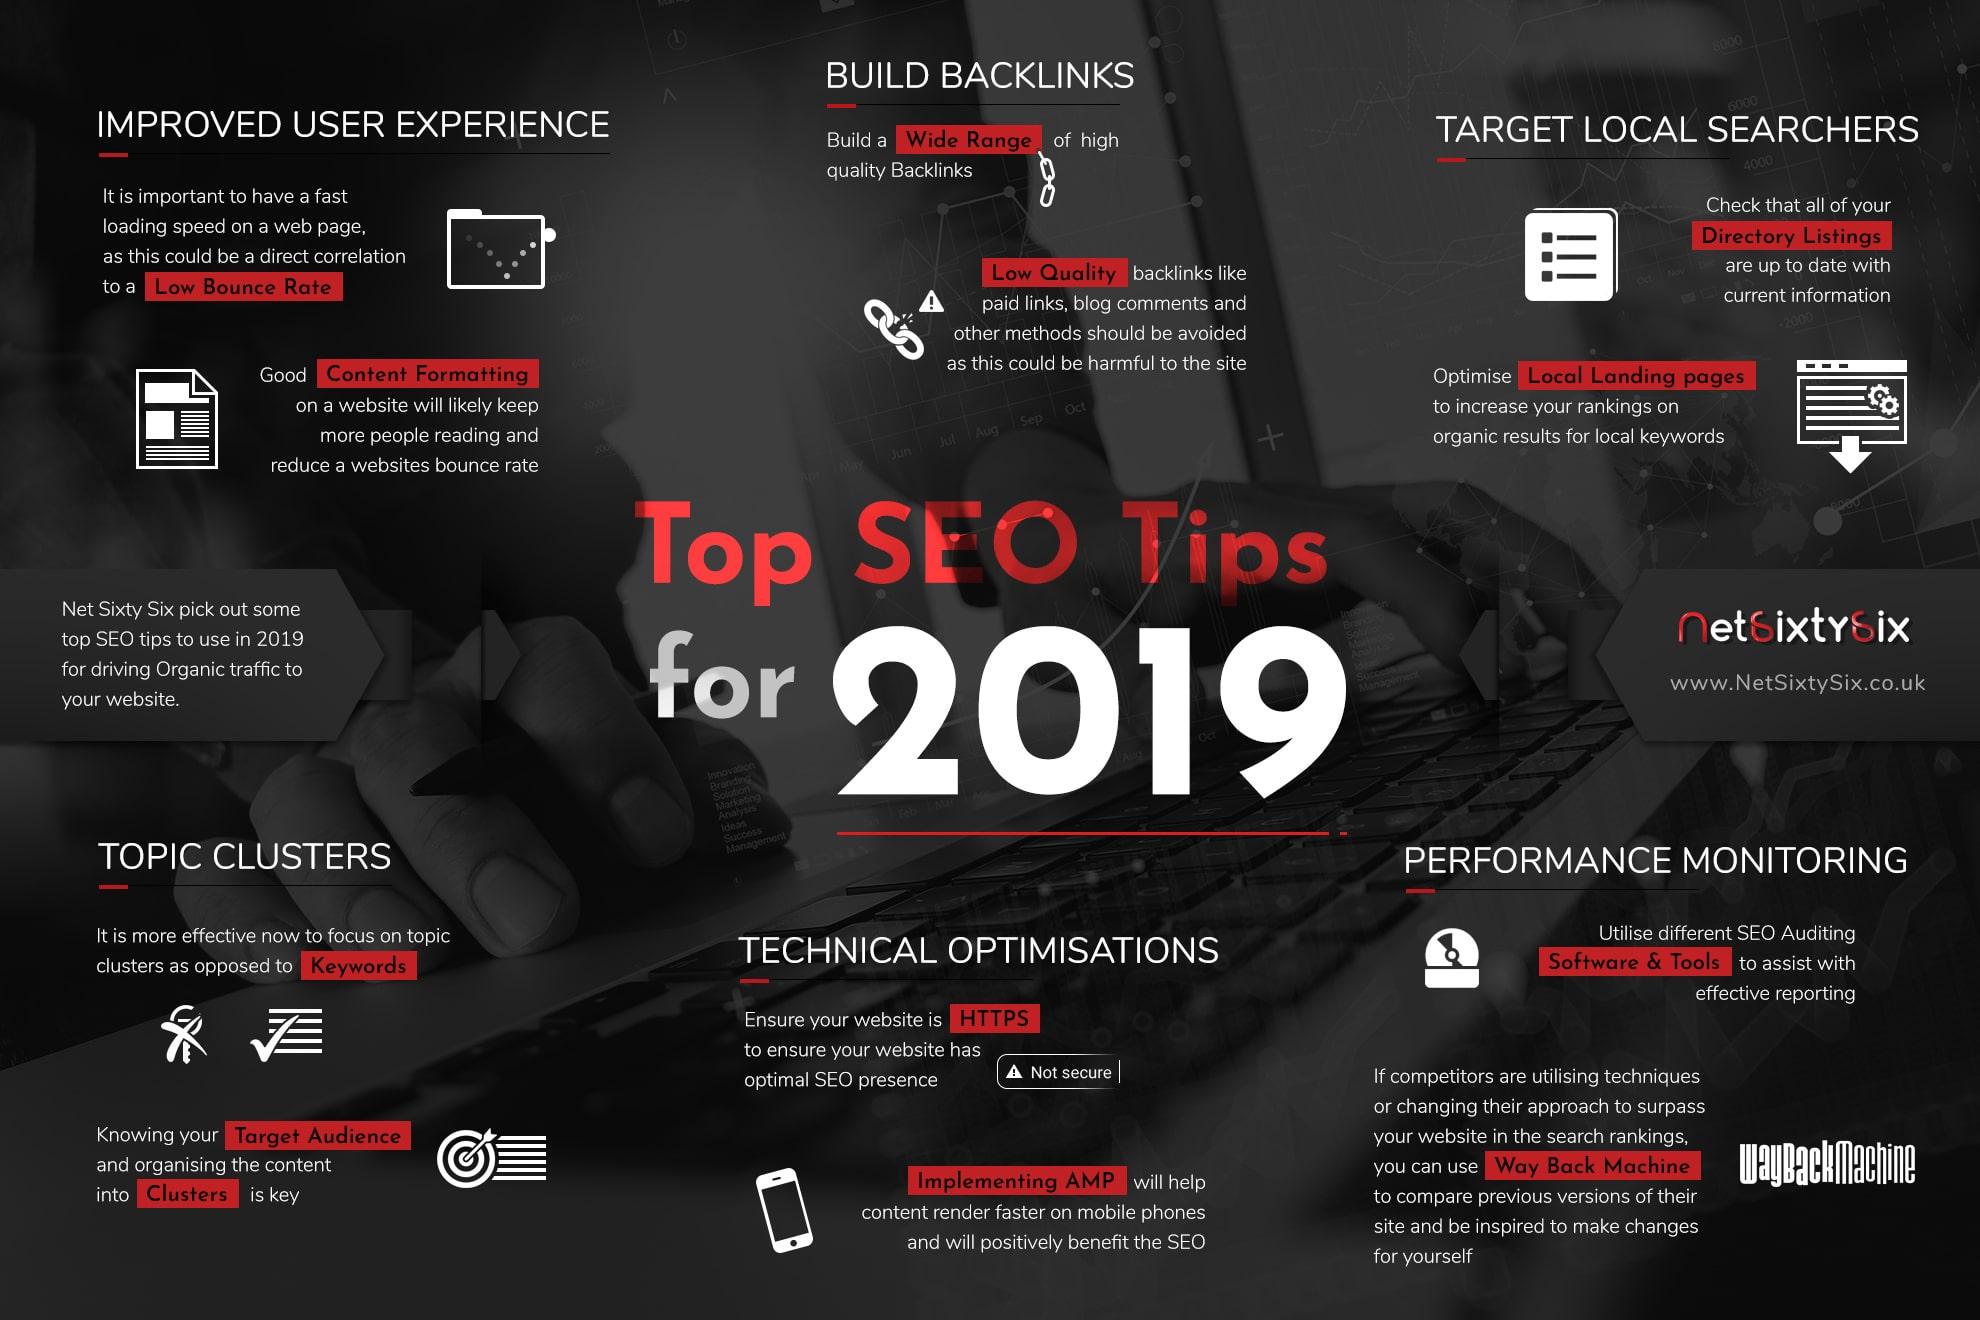 Top SEO Tips 2019